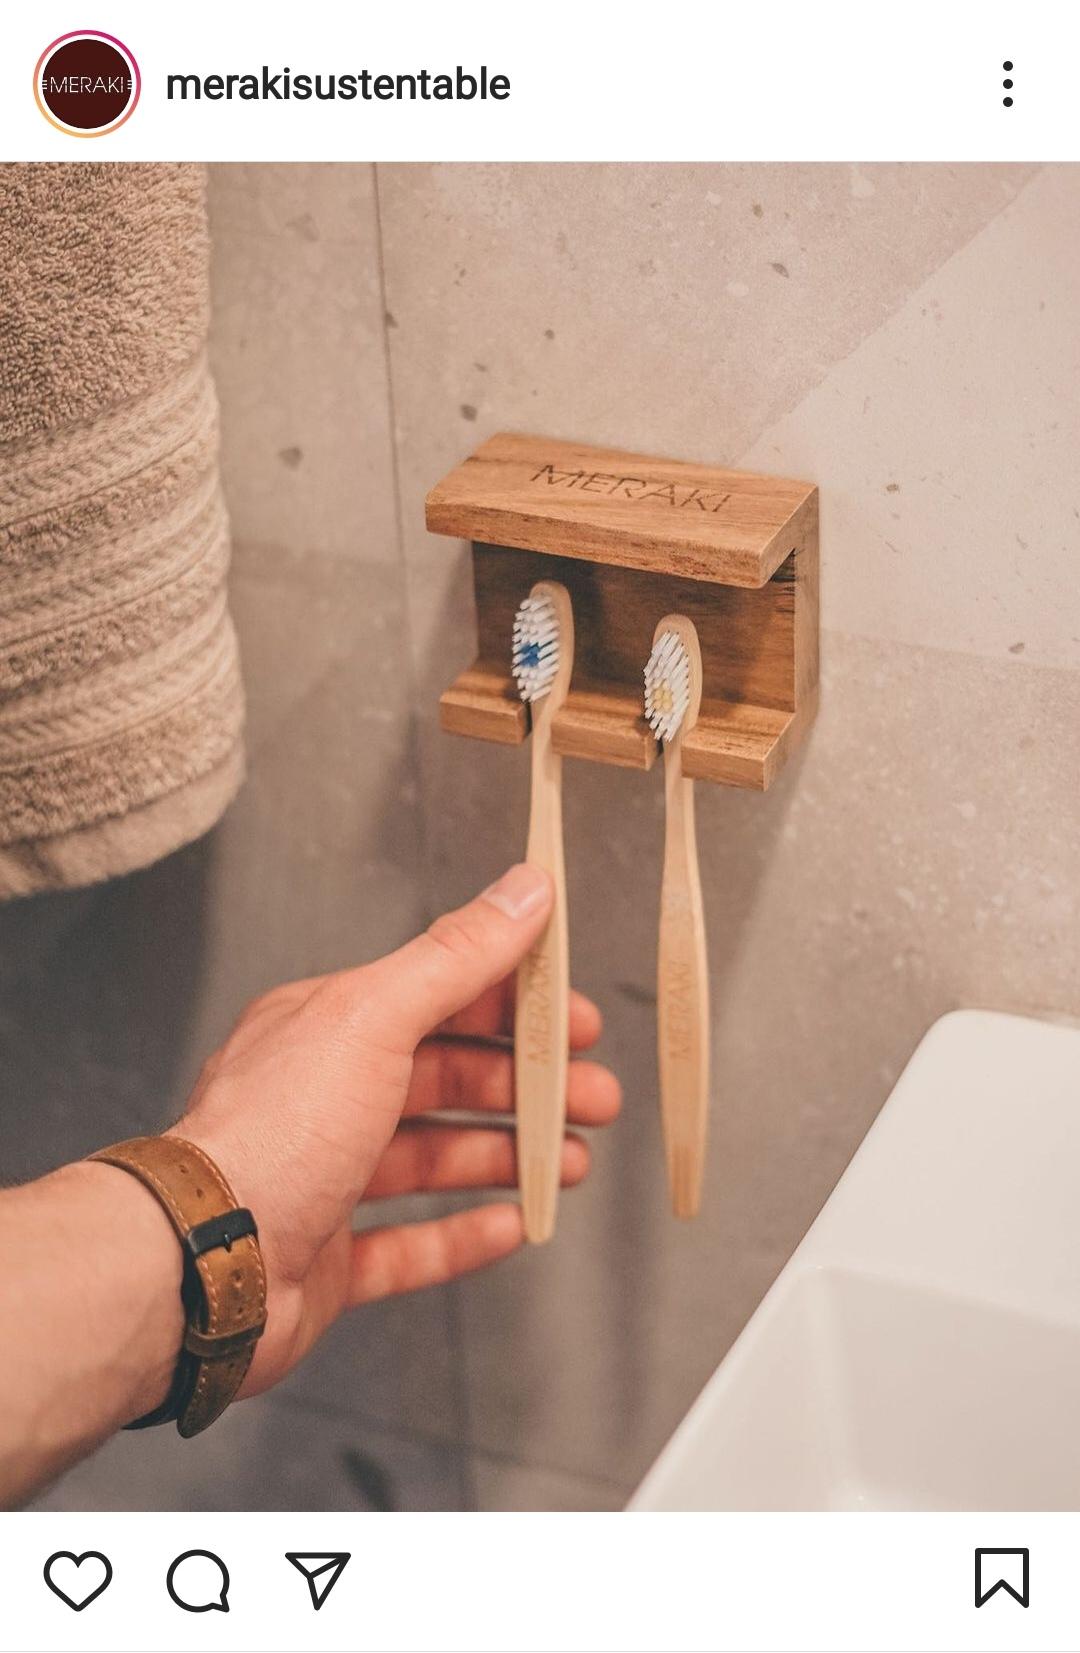 cepillos de diente de bambú de @merakisustentable